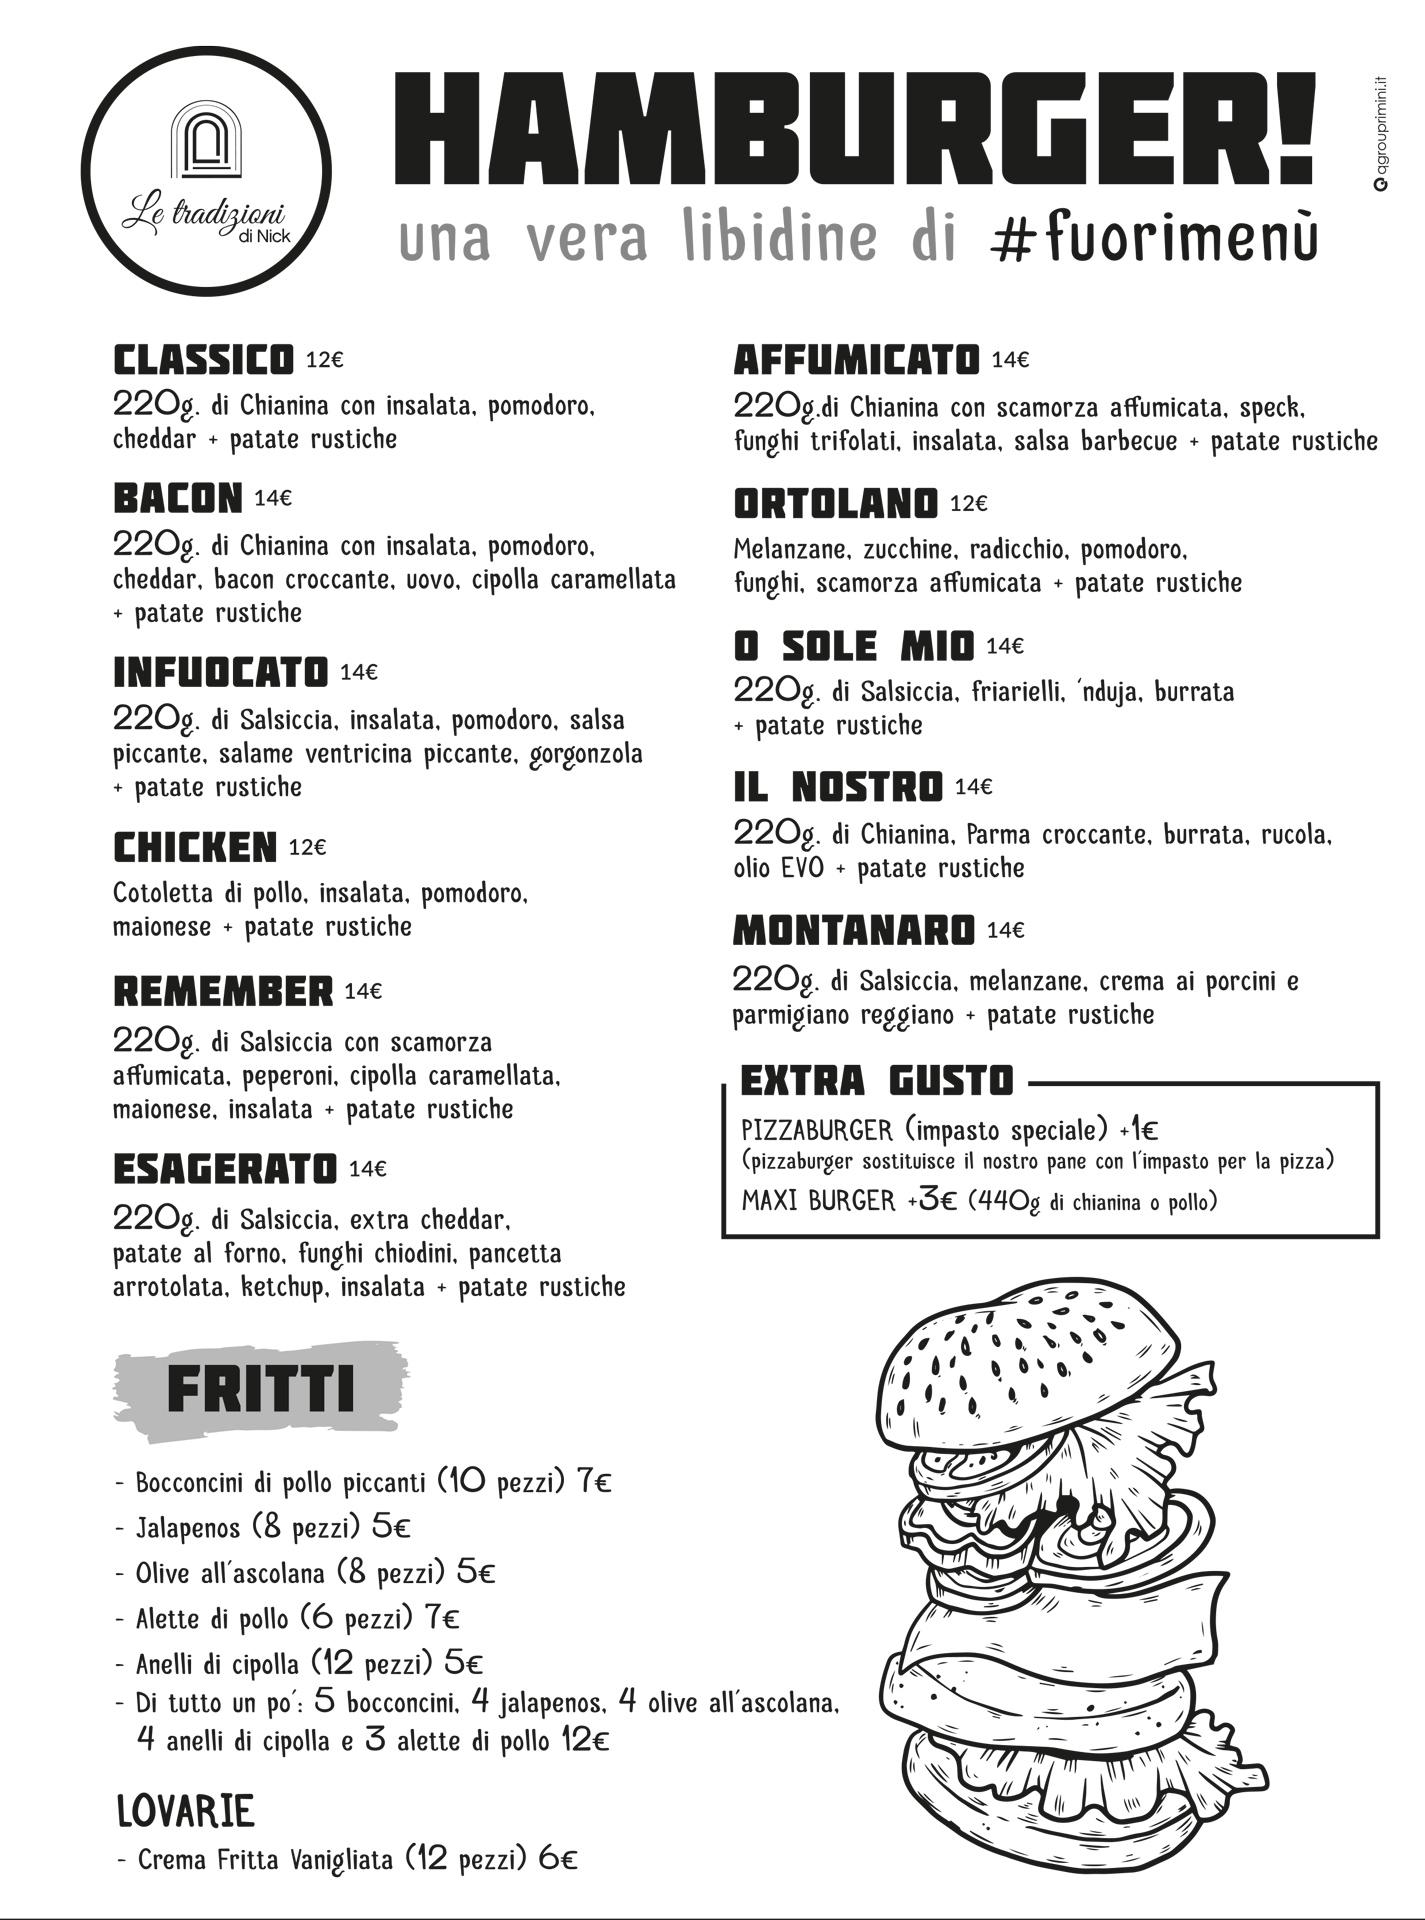 LTDN_menu-hamburgerfritti__new-stampa